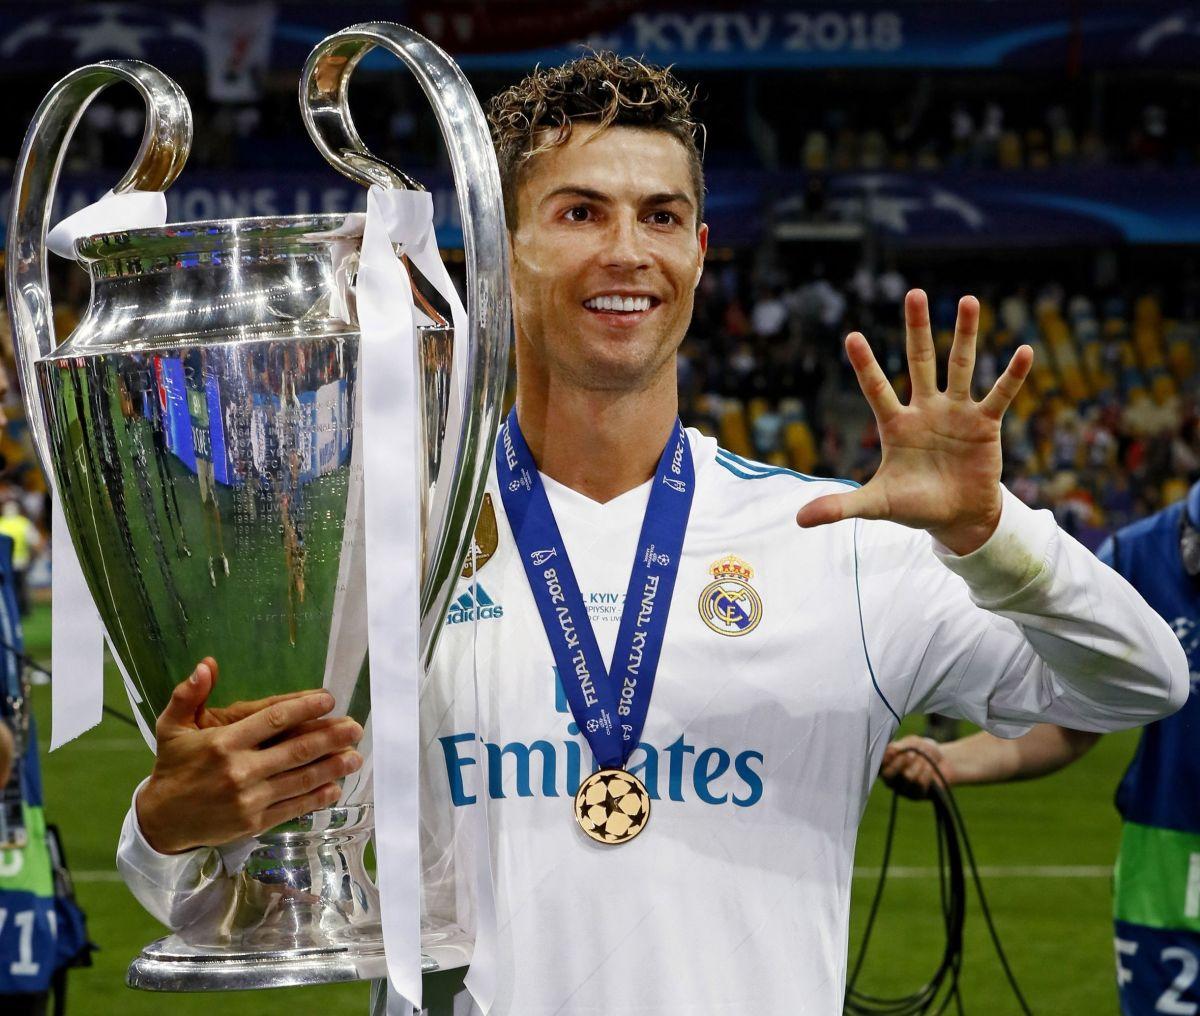 uefa-champions-league-real-madrid-v-liverpool-fc-5b28e7337134f60ab4000005.jpg